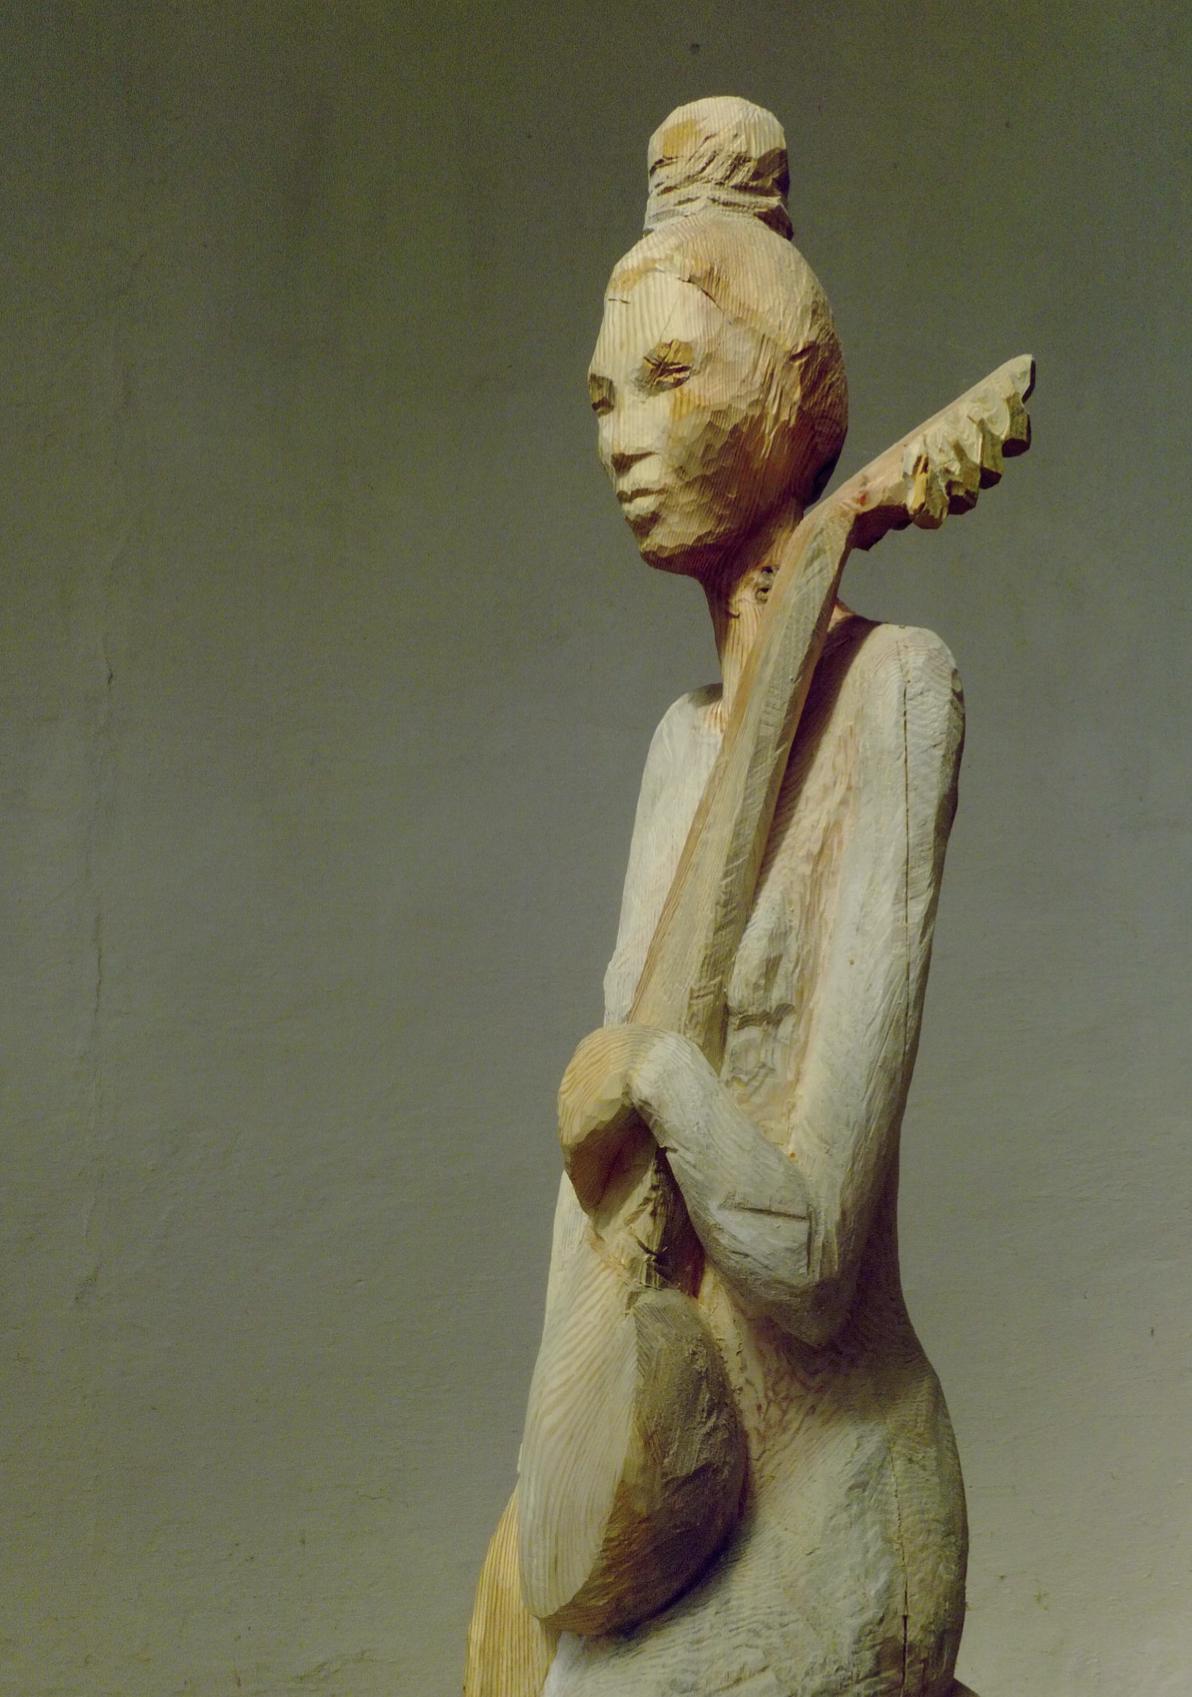 Ausstellung 23.09. - 28.10.2012 | Christina Rode | Hinter der Rinde | Skulpturen